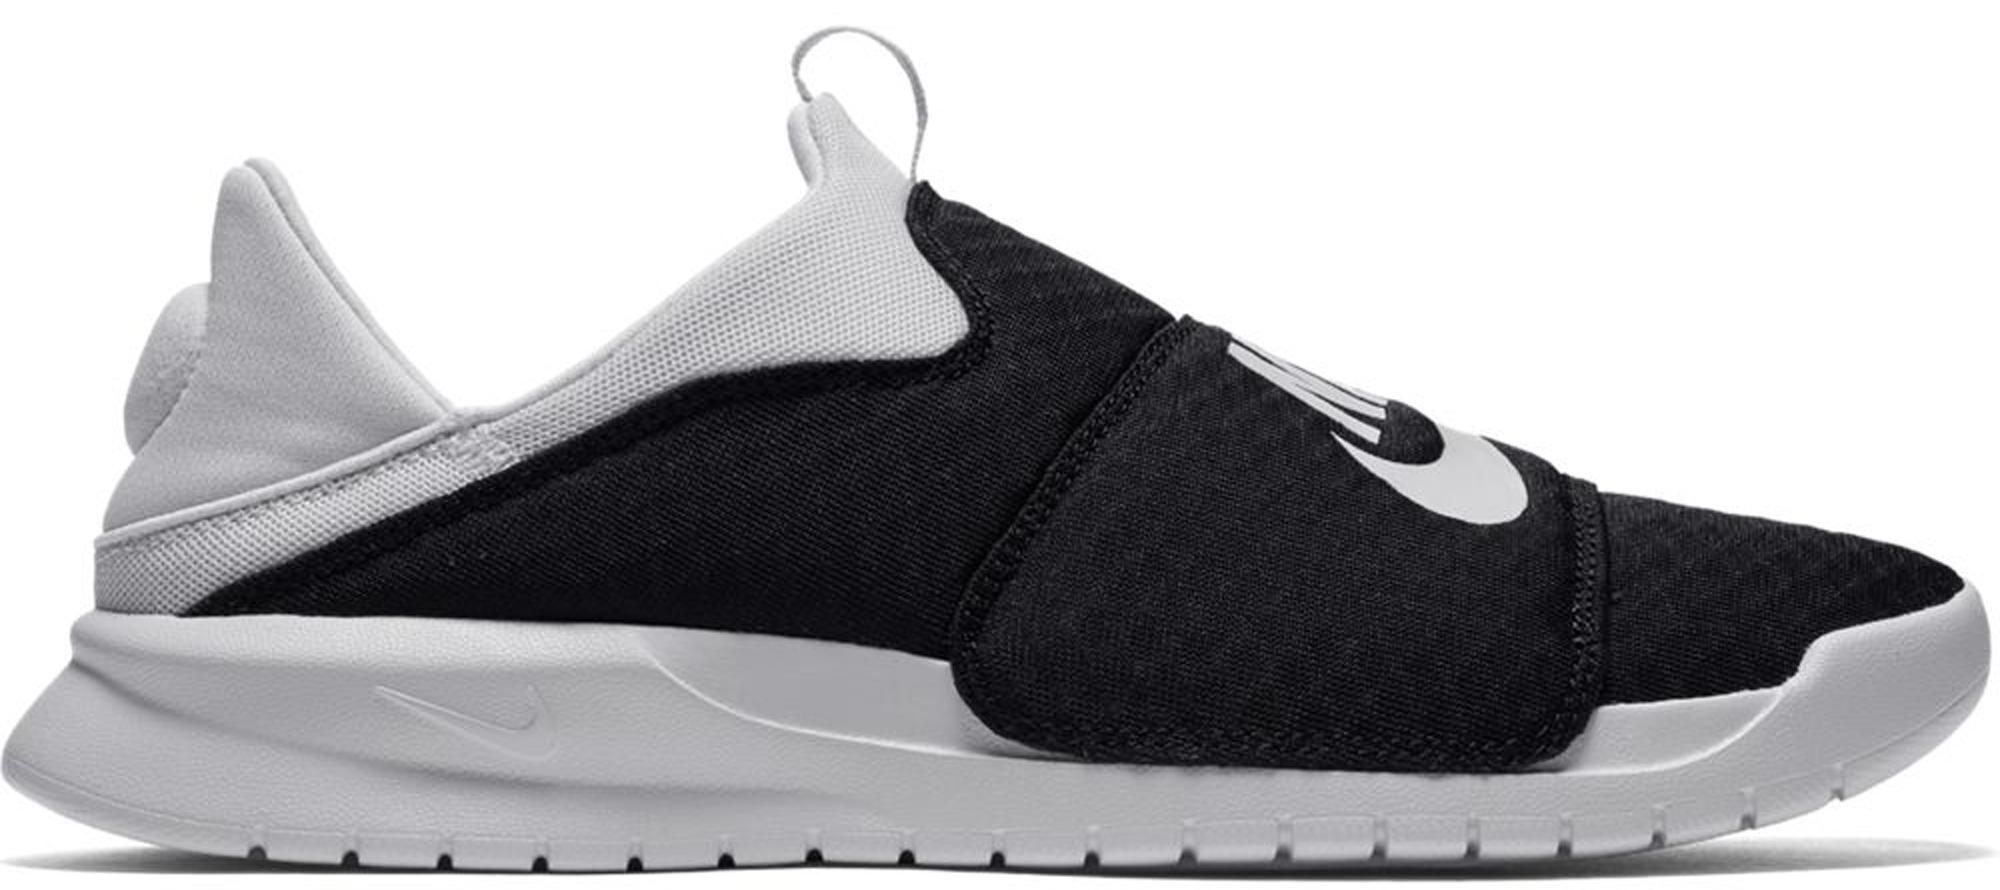 Nike Benassi Slip Black Vast Grey